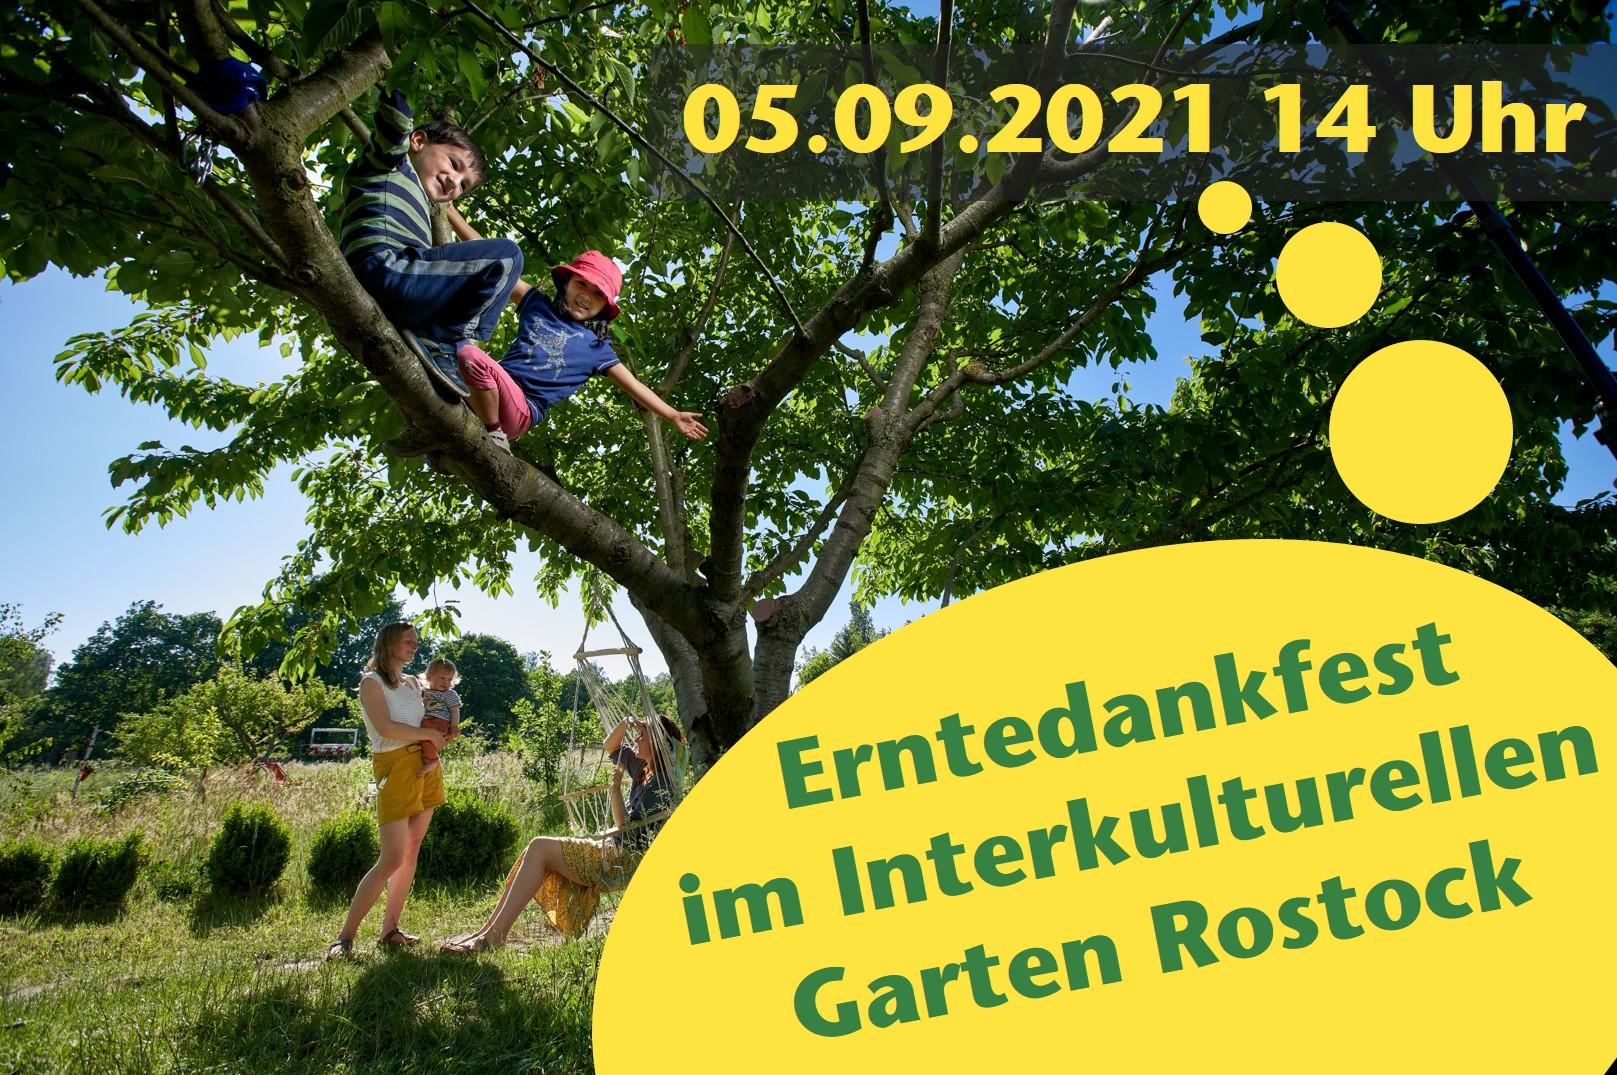 Erntedankfest im Interkulturellen Garten